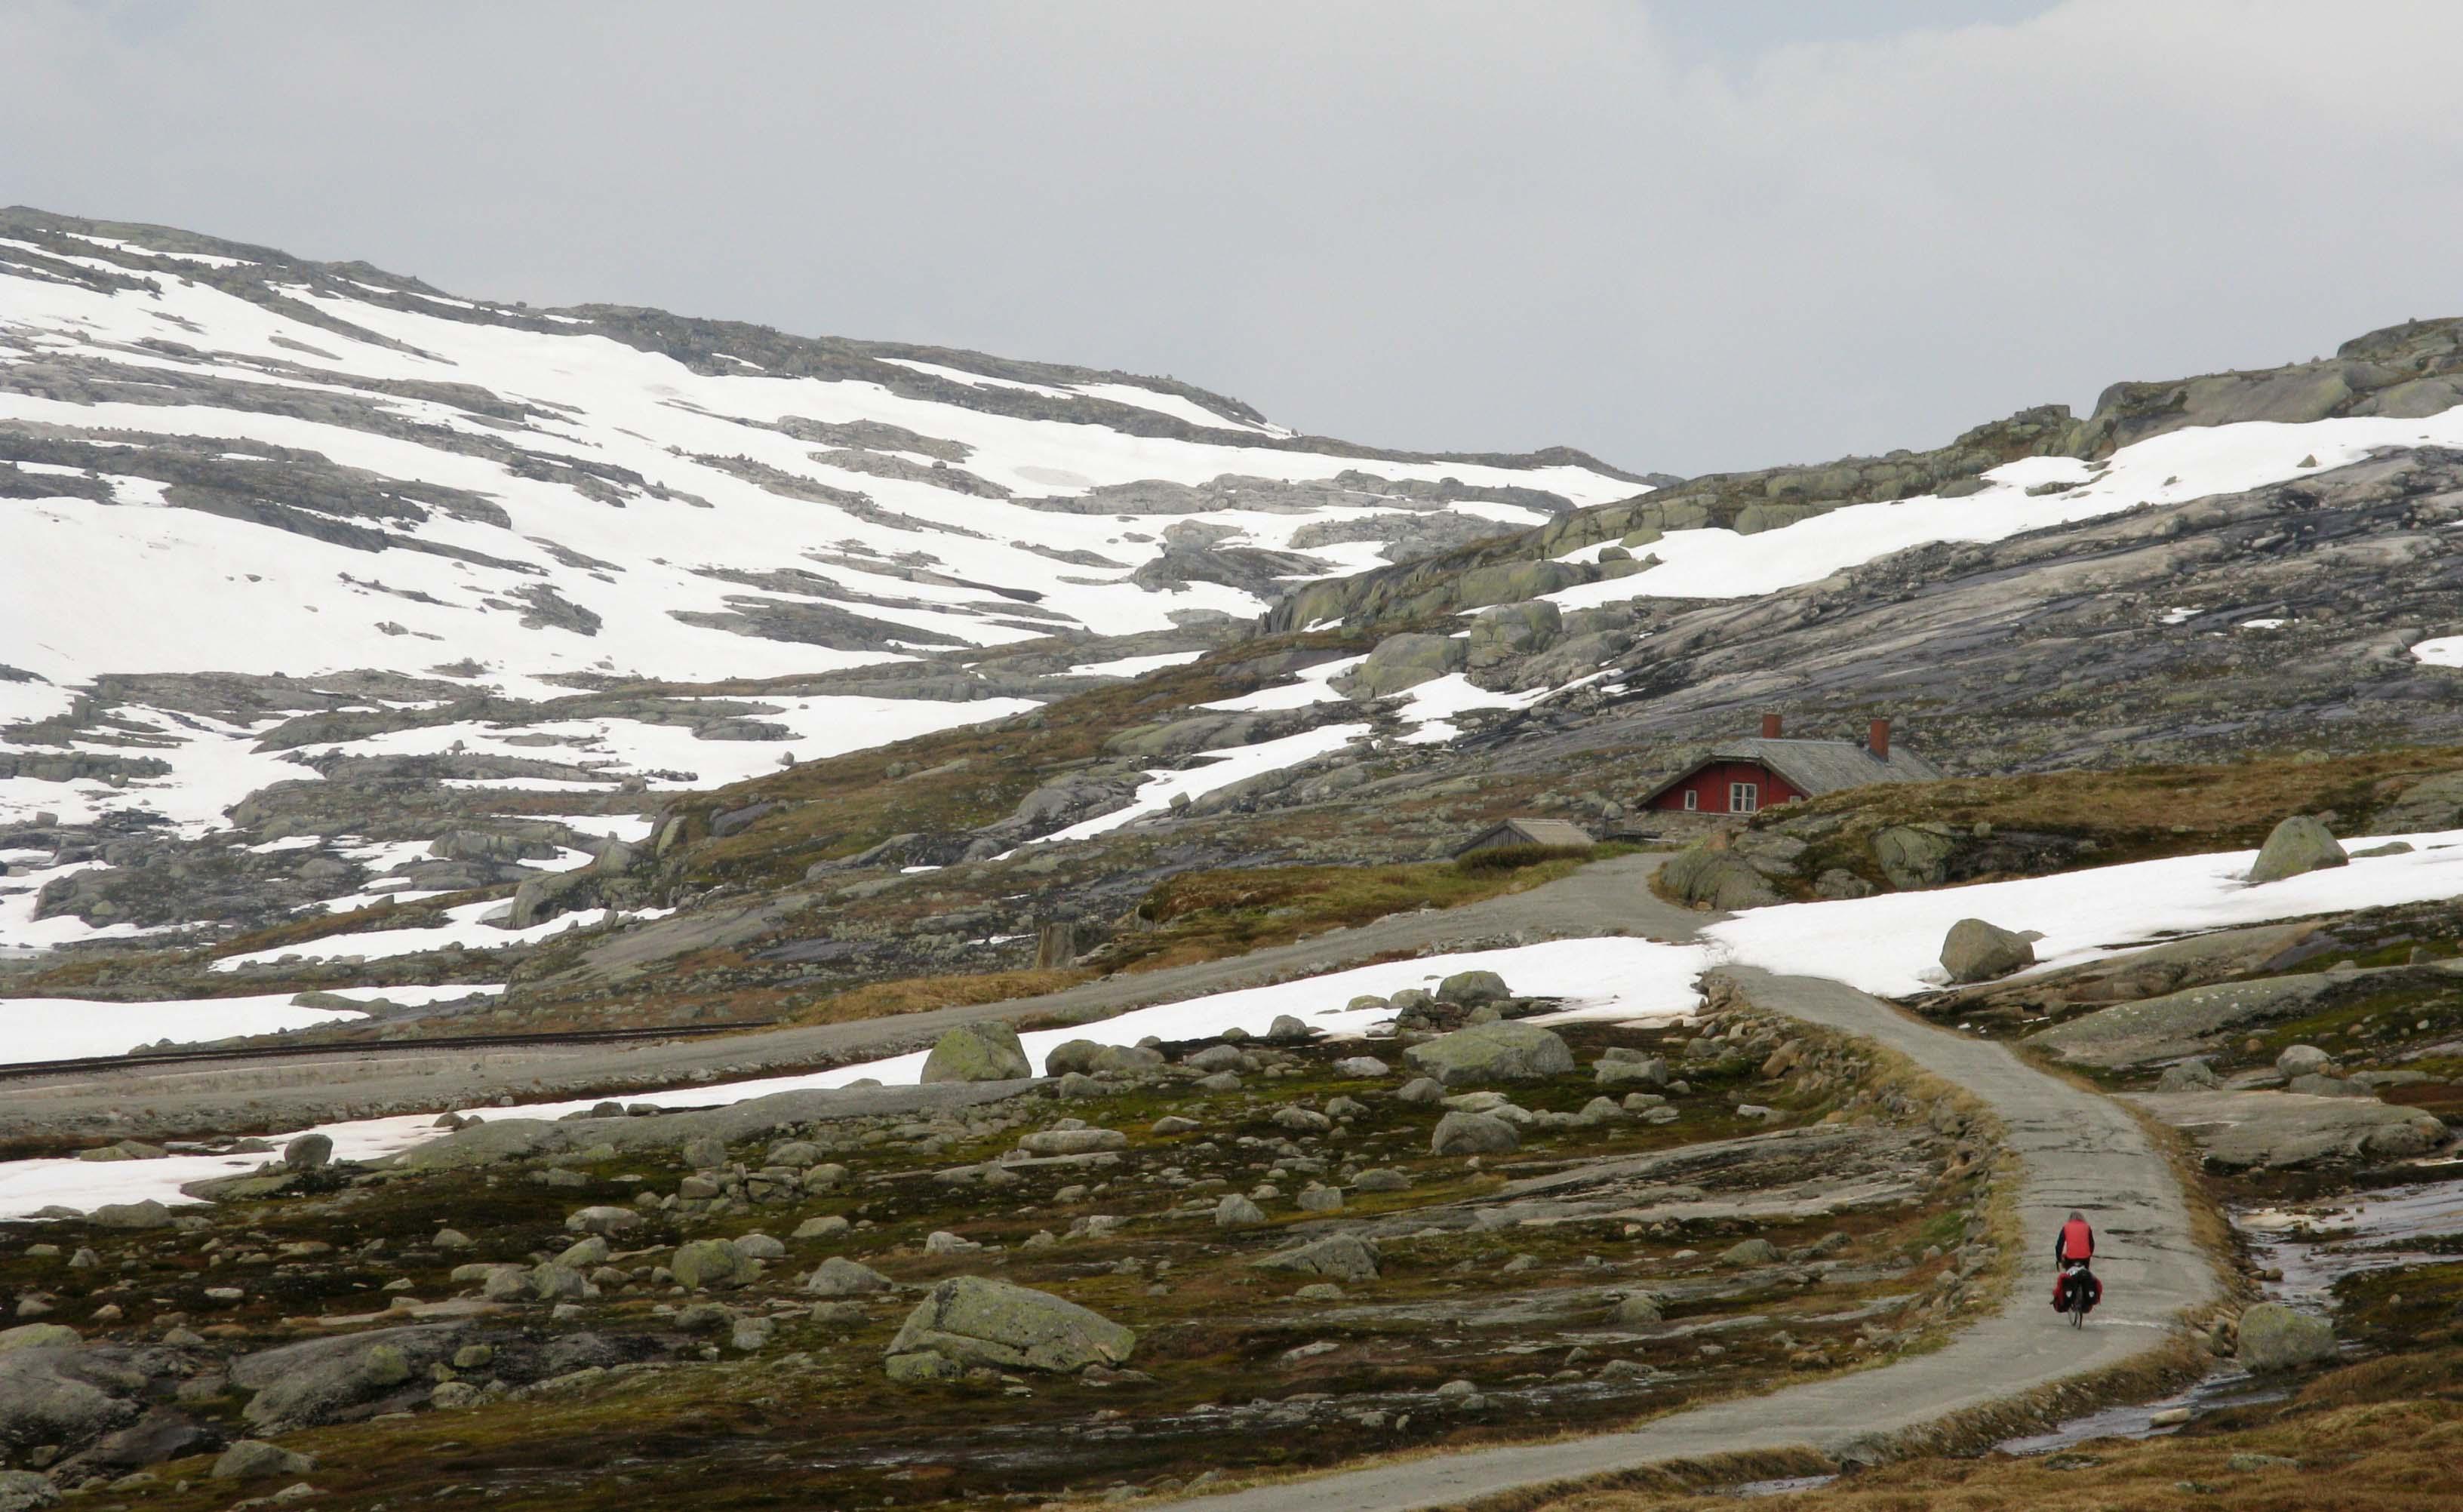 norwegen-rallarvegen-schnee